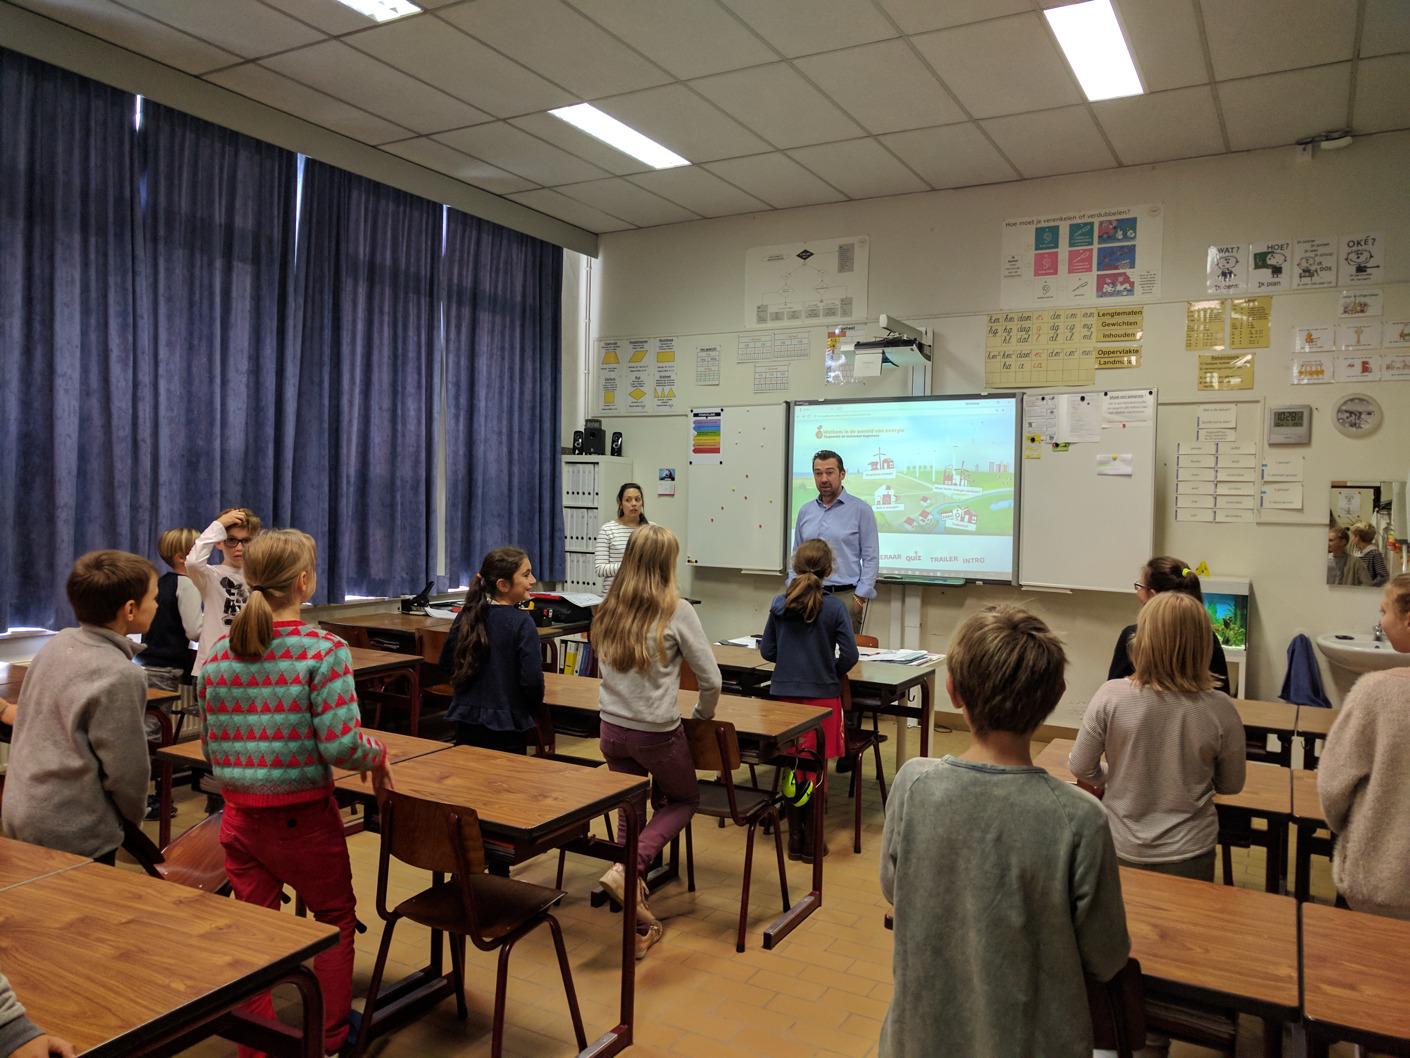 Les premiers élèves wallons prêts à recevoir une leçon sur l'énergie